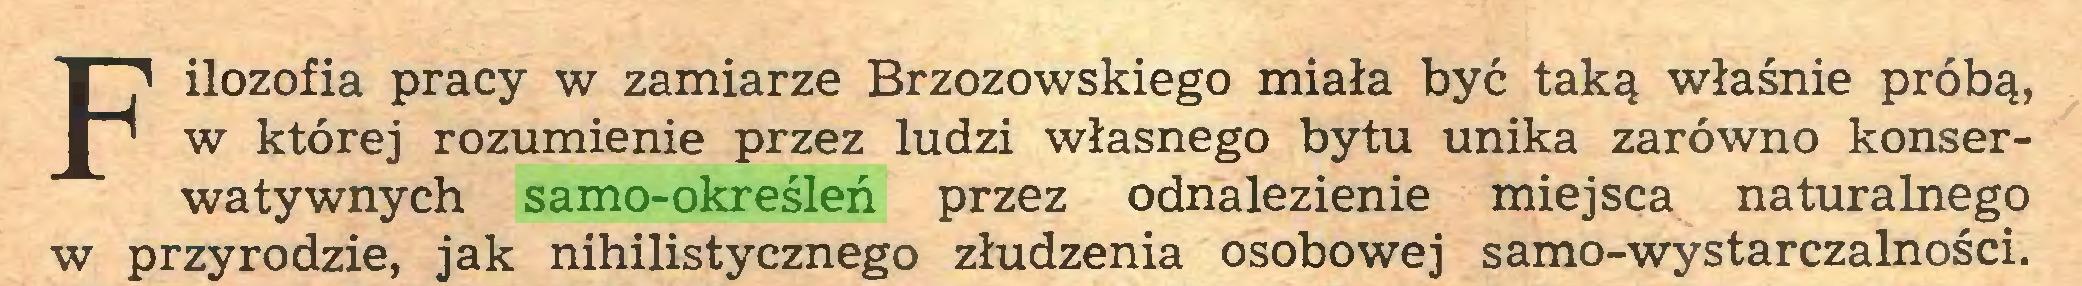 (...) Filozofia pracy w zamiarze Brzozowskiego miała być taką właśnie próbą, w której rozumienie przez ludzi własnego bytu unika zarówno konserwatywnych samo-określeń przez odnalezienie miejsca naturalnego w przyrodzie, jak nihilistycznego złudzenia osobowej samo-wystarczalności...